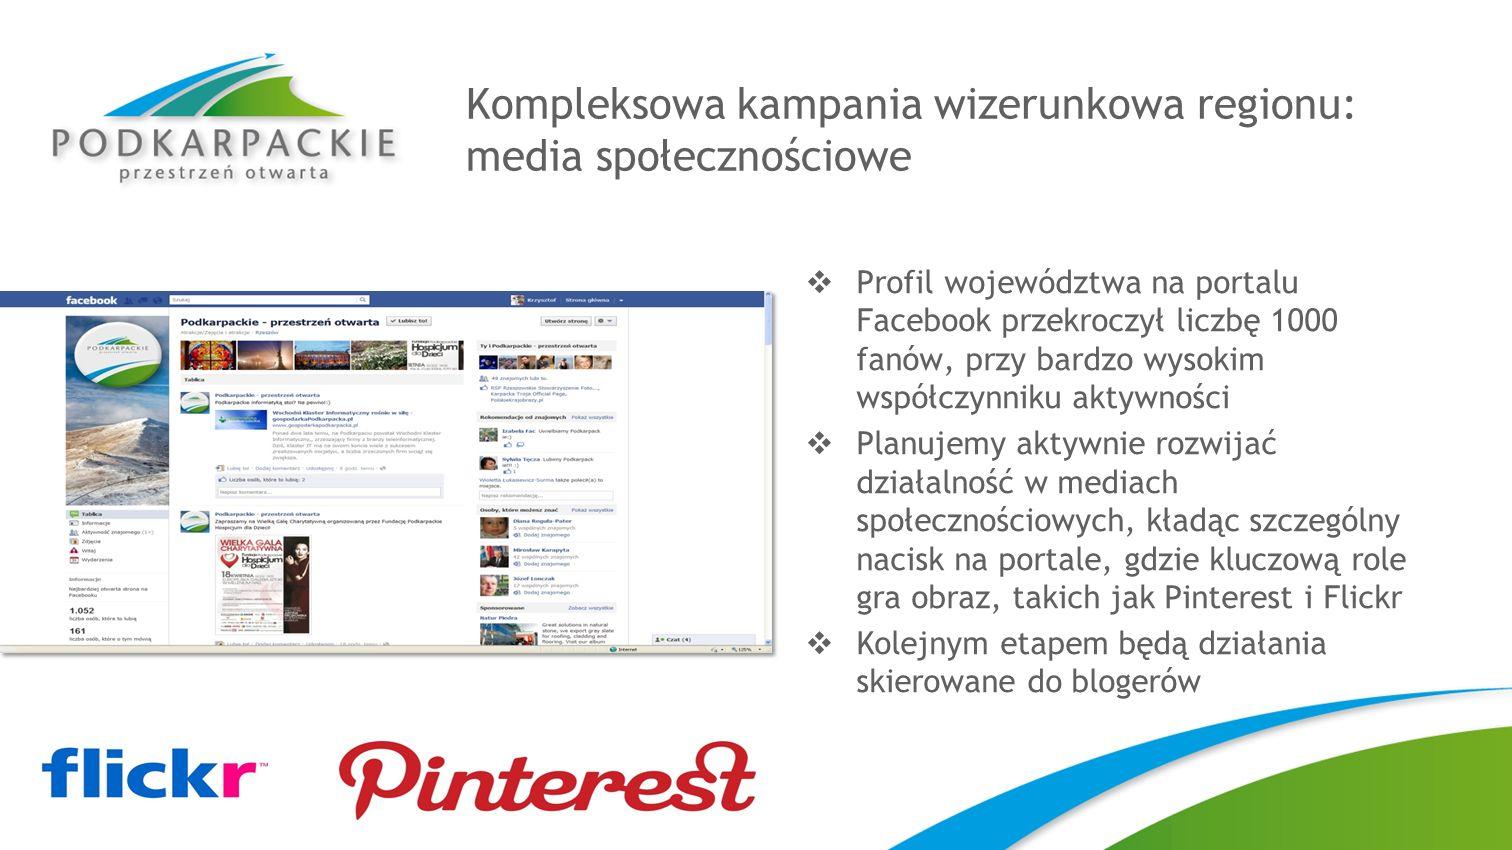 Kompleksowa kampania wizerunkowa regionu: media społecznościowe Profil województwa na portalu Facebook przekroczył liczbę 1000 fanów, przy bardzo wyso